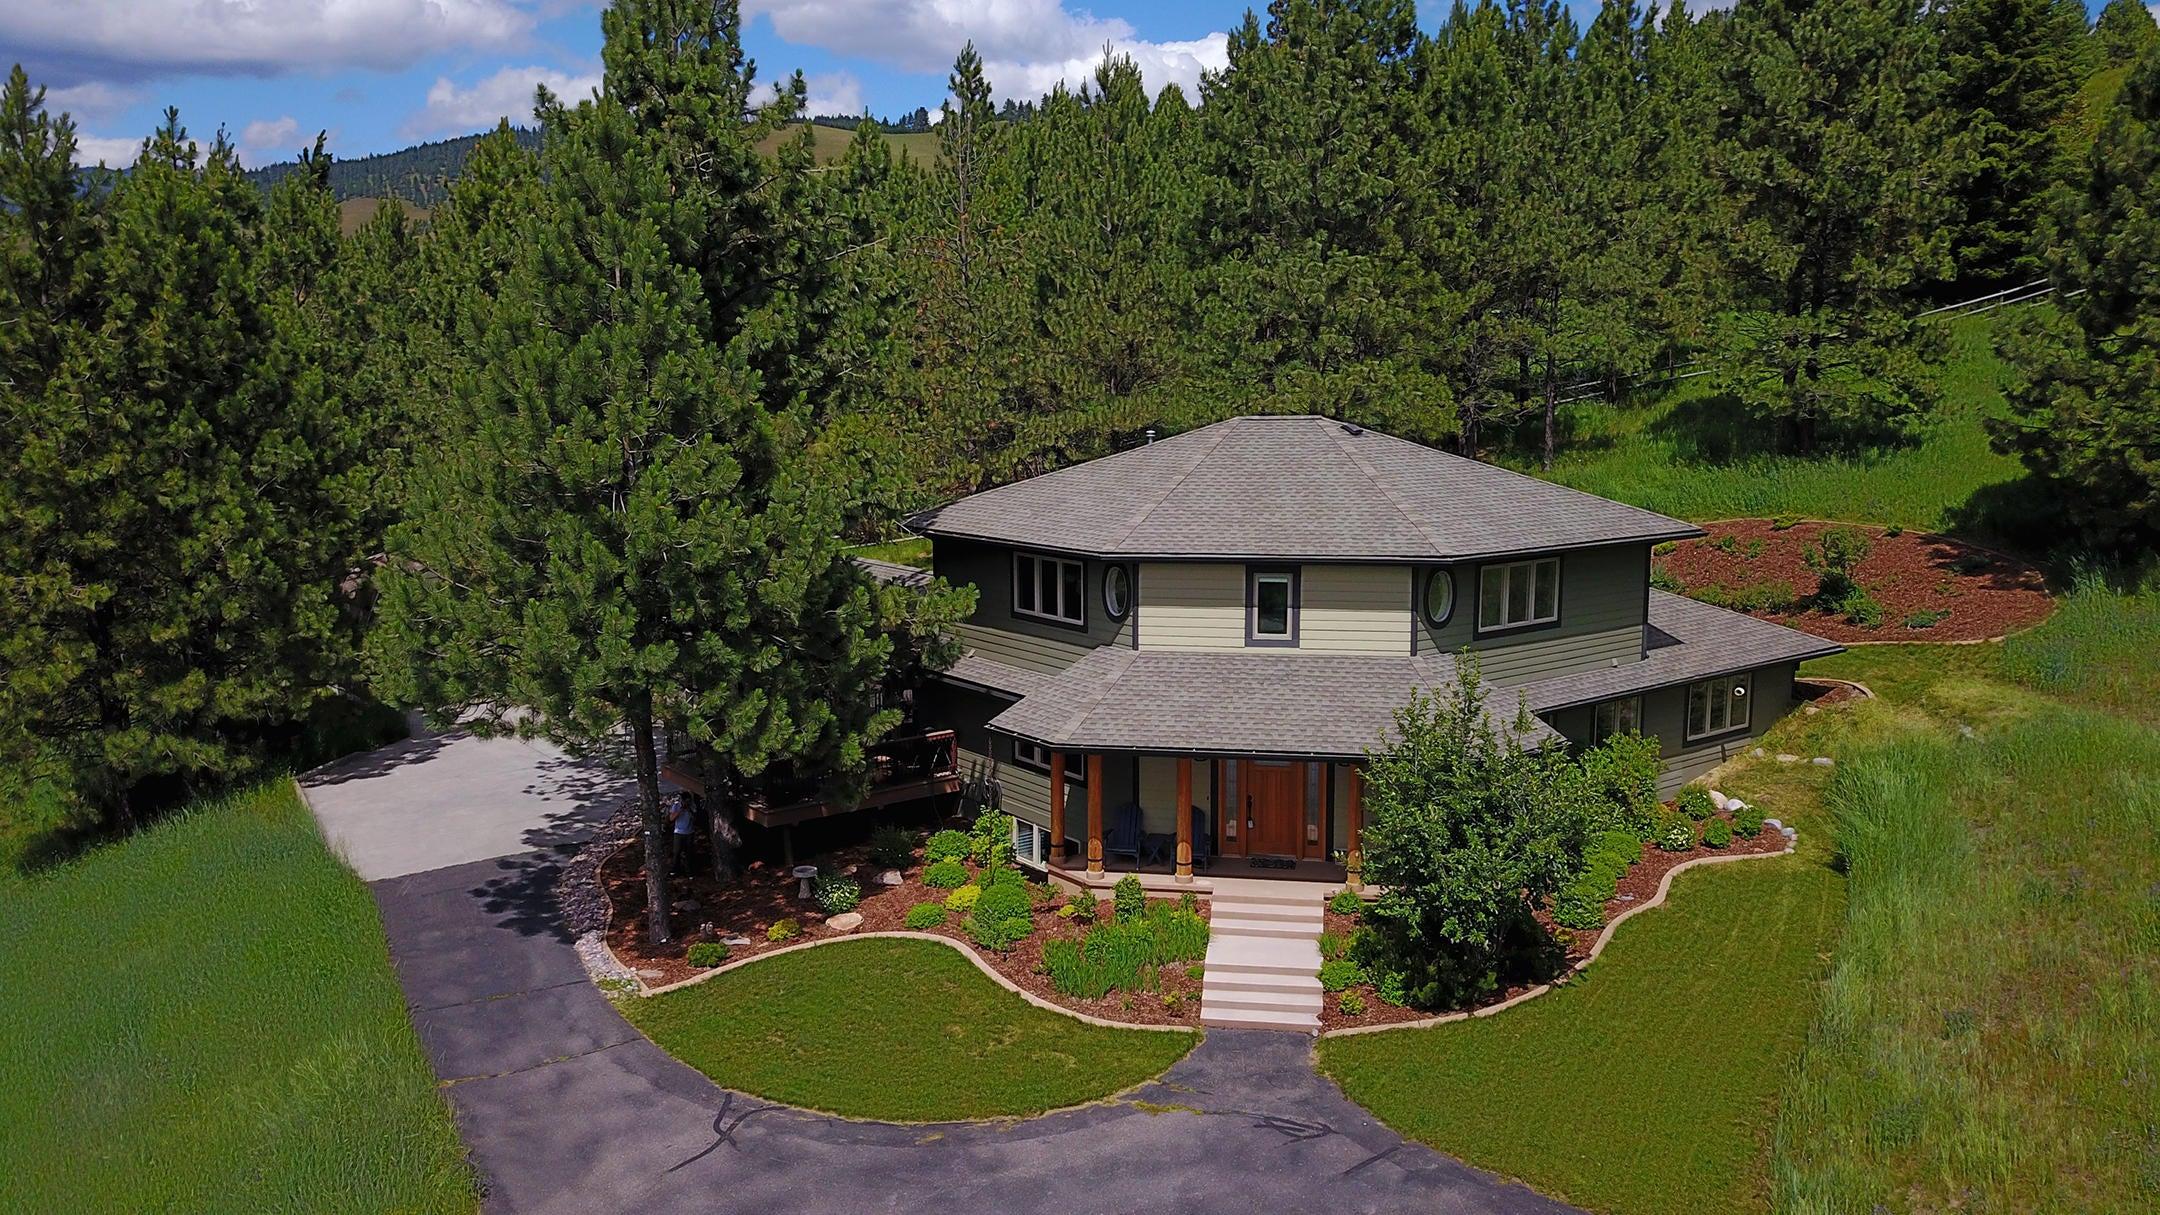 2635 Lower Lincoln Hills Drive, Missoula, MT 59802